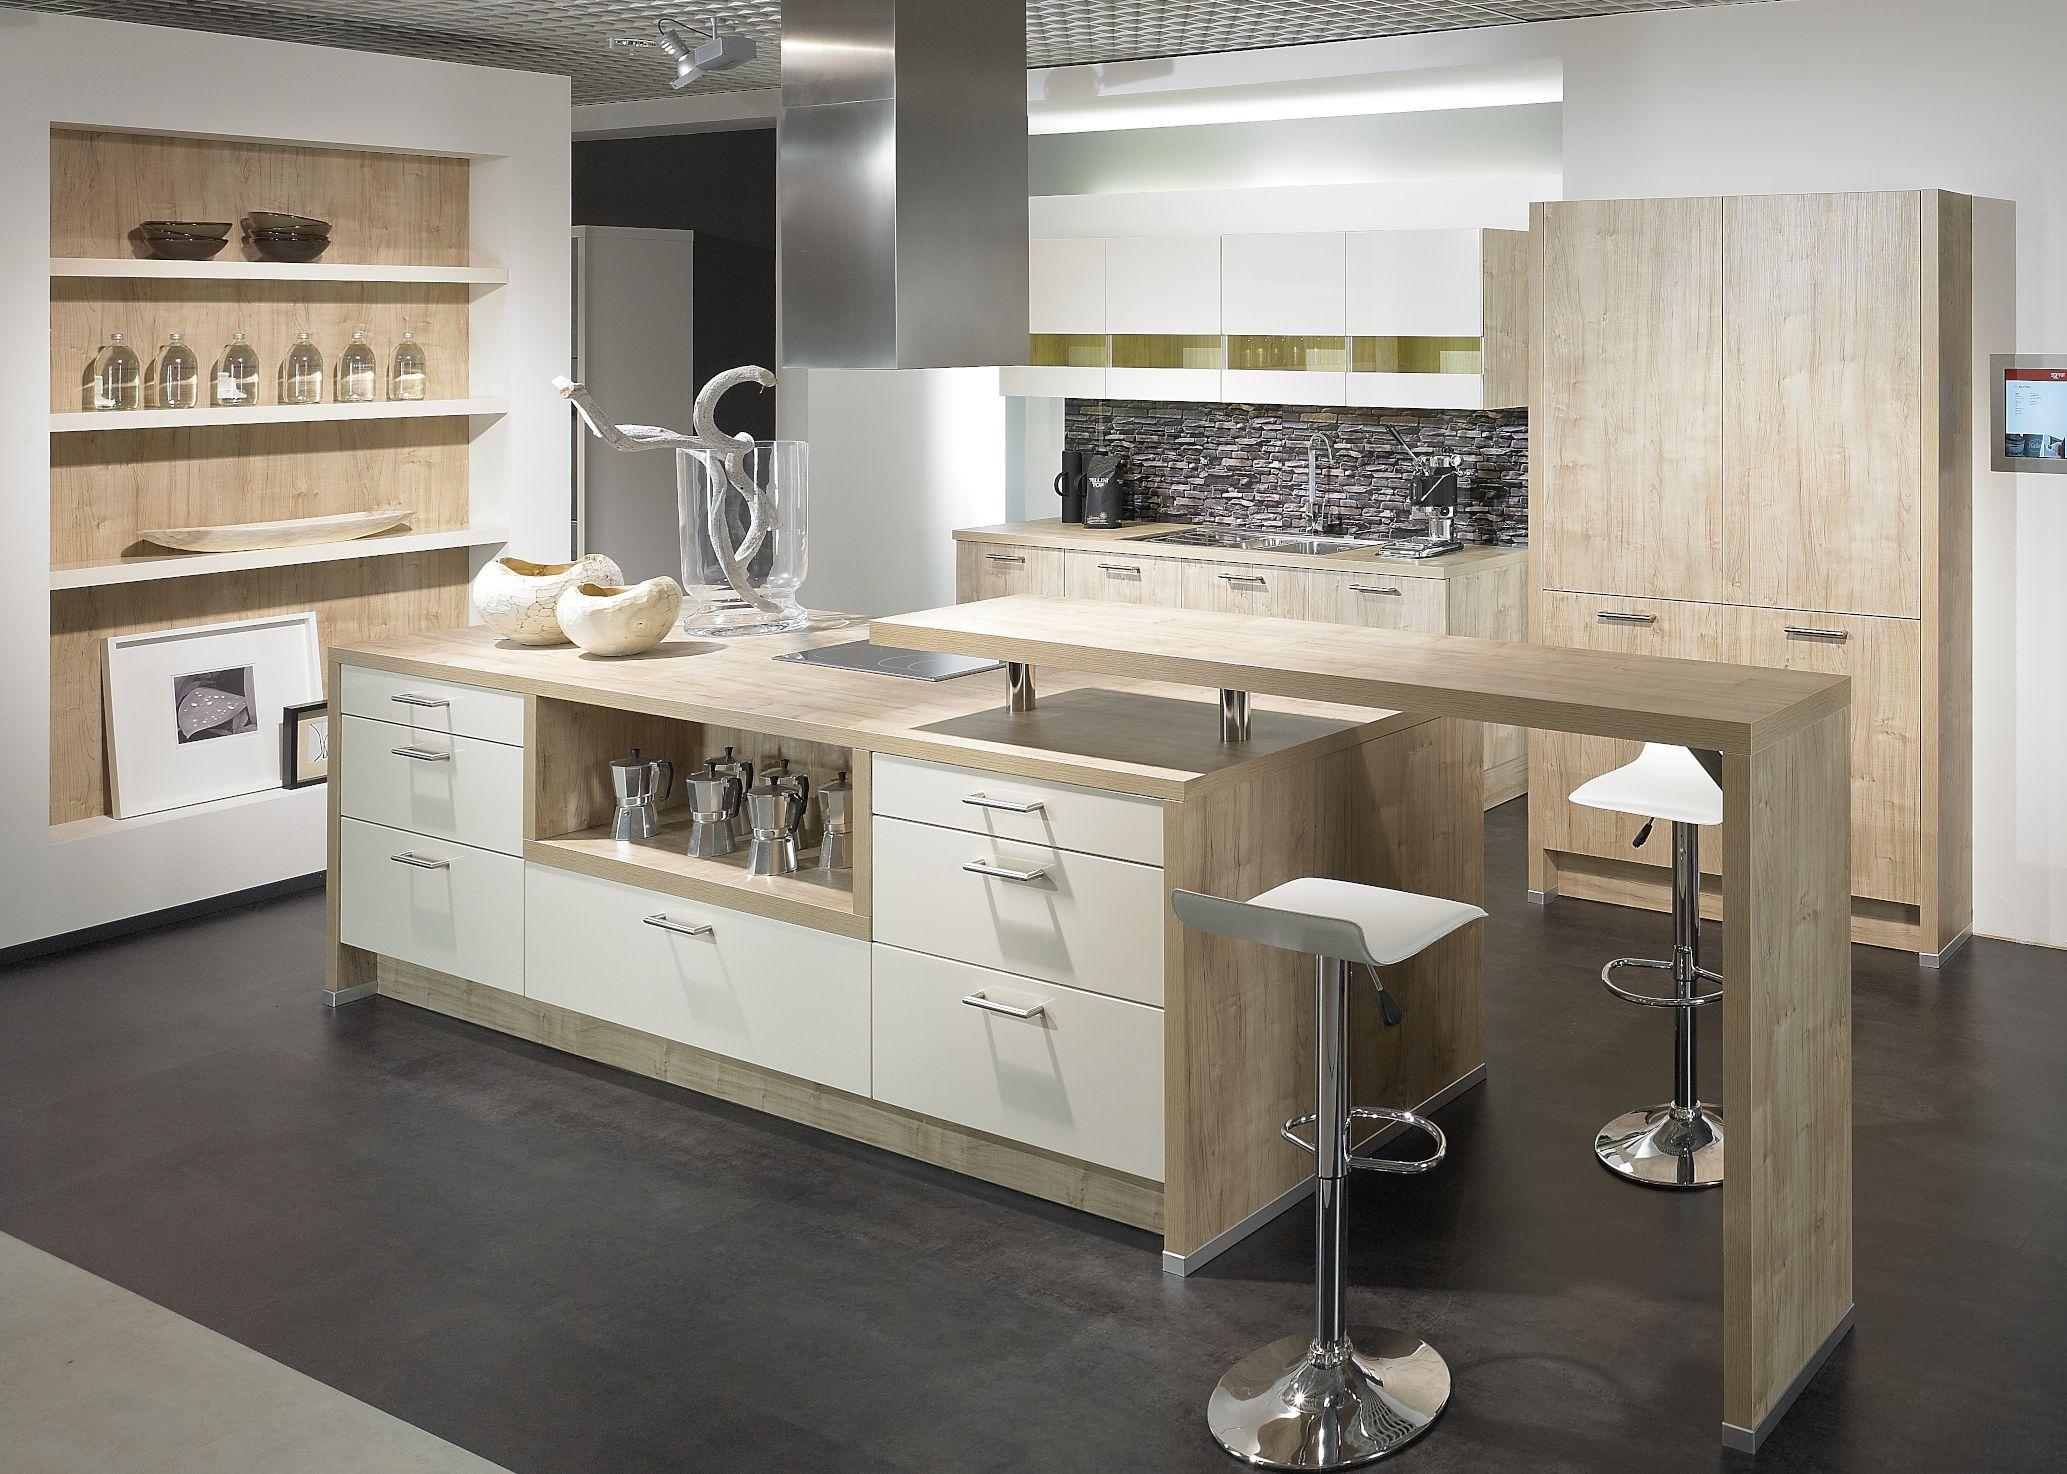 cuisine aviva blanche et ch ne cuisine pinterest cuisine aviva cuisines et idee deco. Black Bedroom Furniture Sets. Home Design Ideas